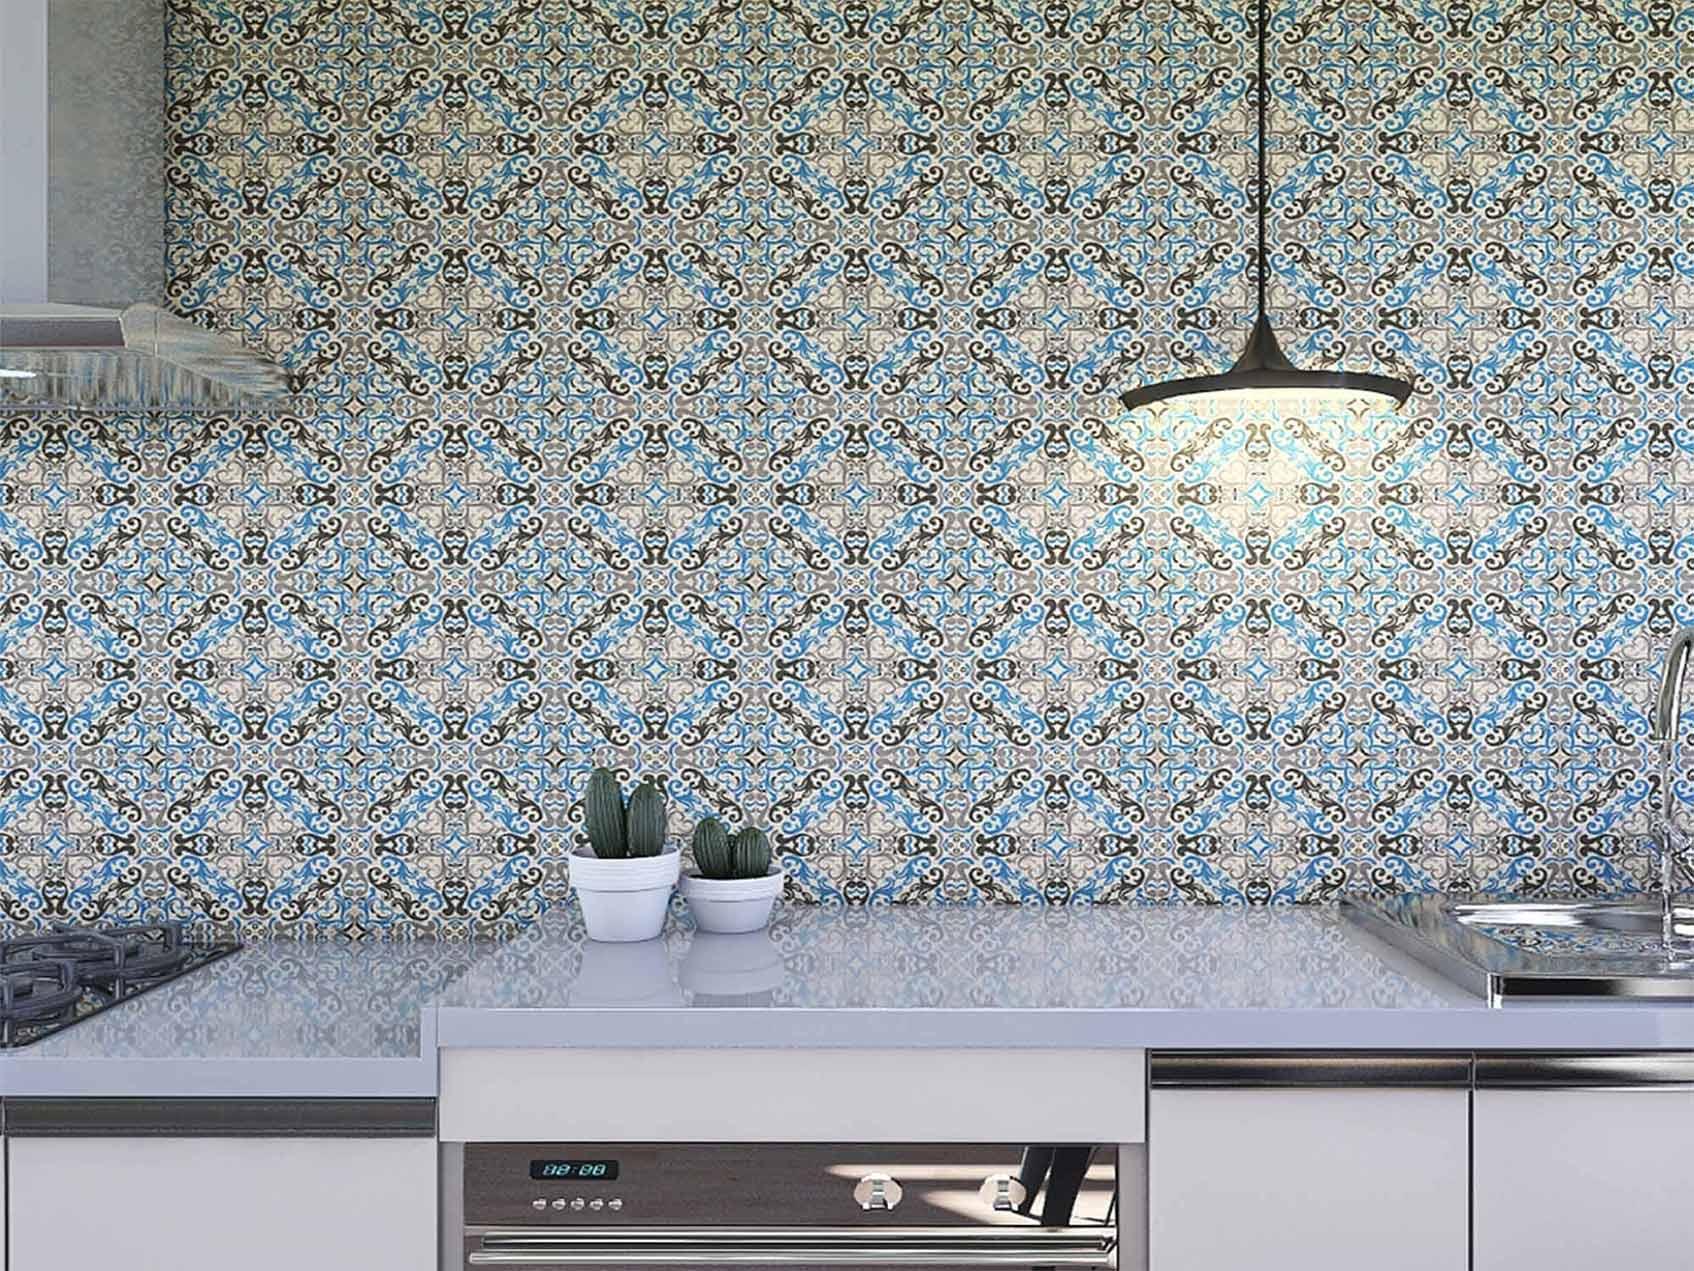 Papel de Parede para Cozinha Azulejos 0016 - Adesivos de Parede  - Paredes Decoradas